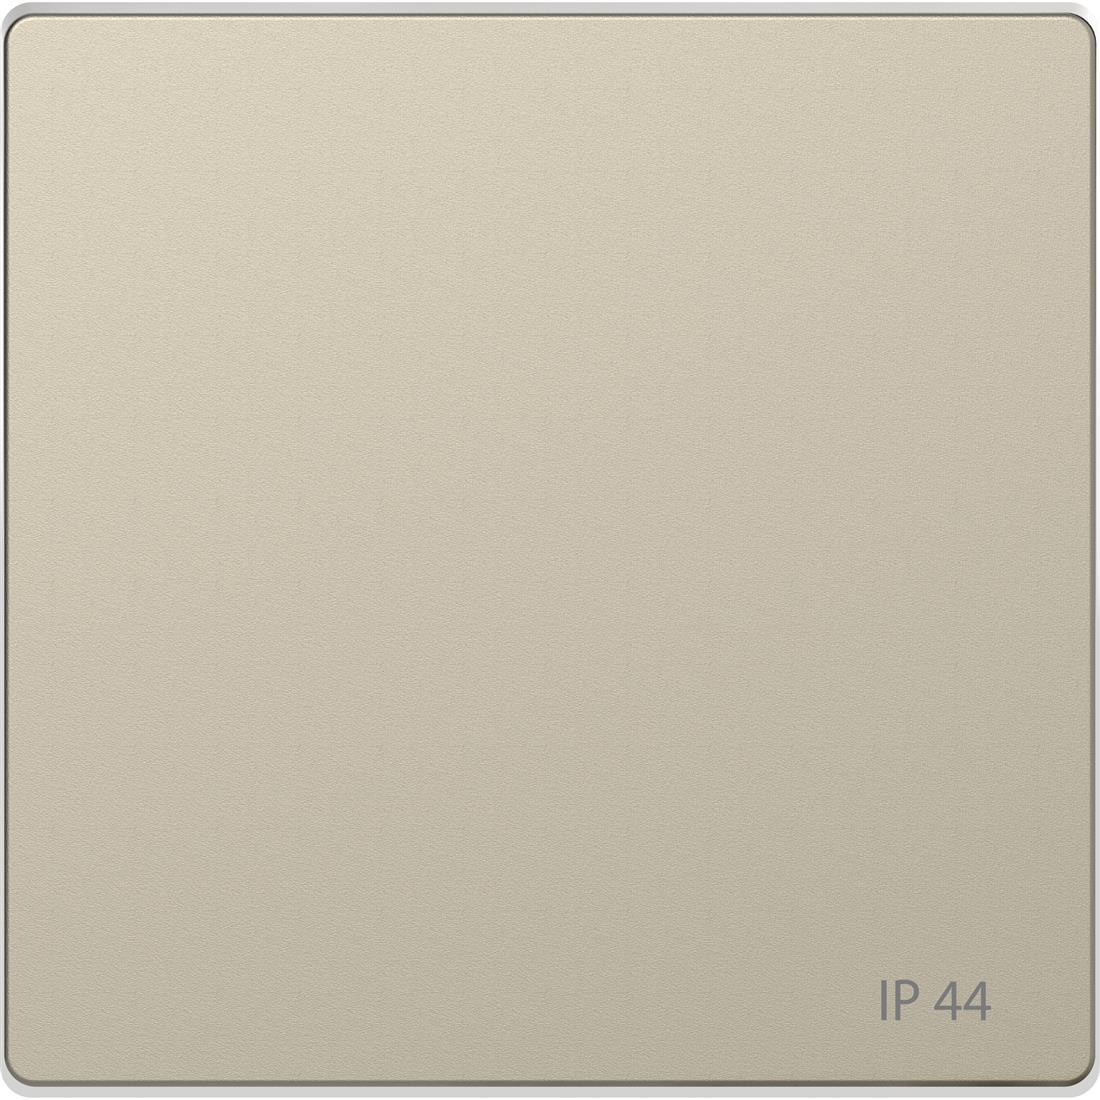 Schneider-Merten D Life wisselwip voor IP44 - sahara (MTN3304-6033)